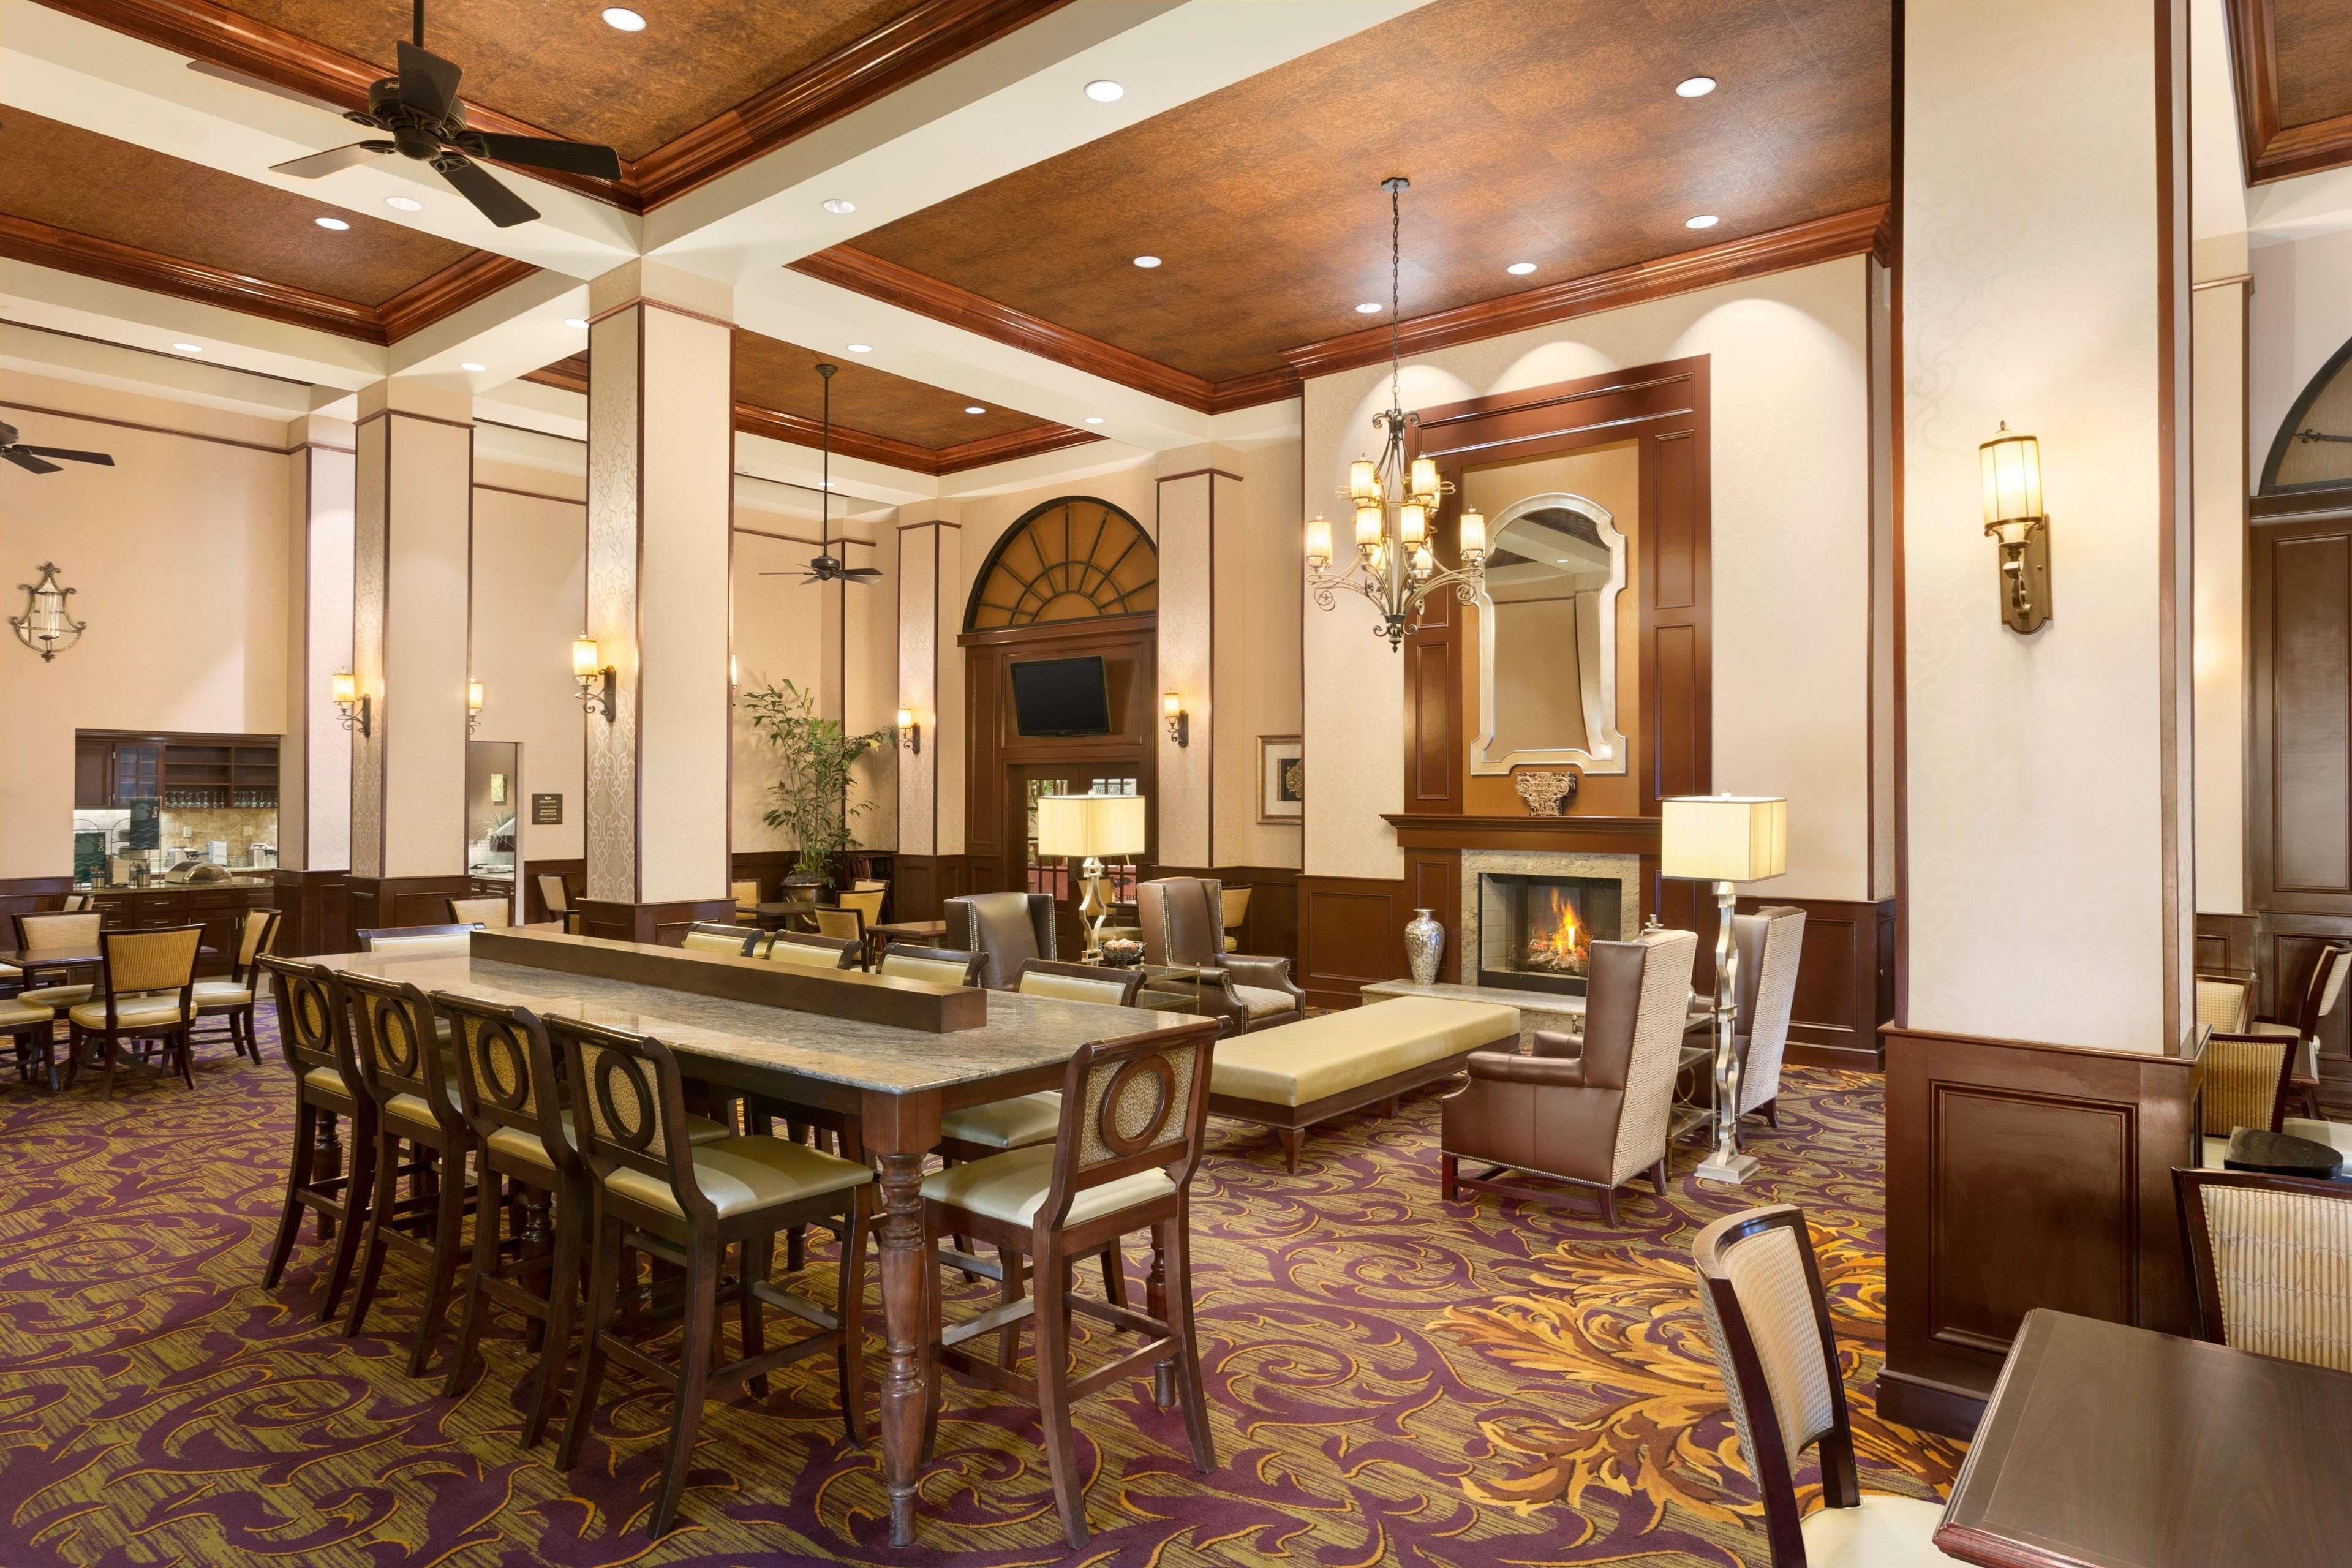 Homewood Suites by Hilton Lafayette-Airport, LA image 3